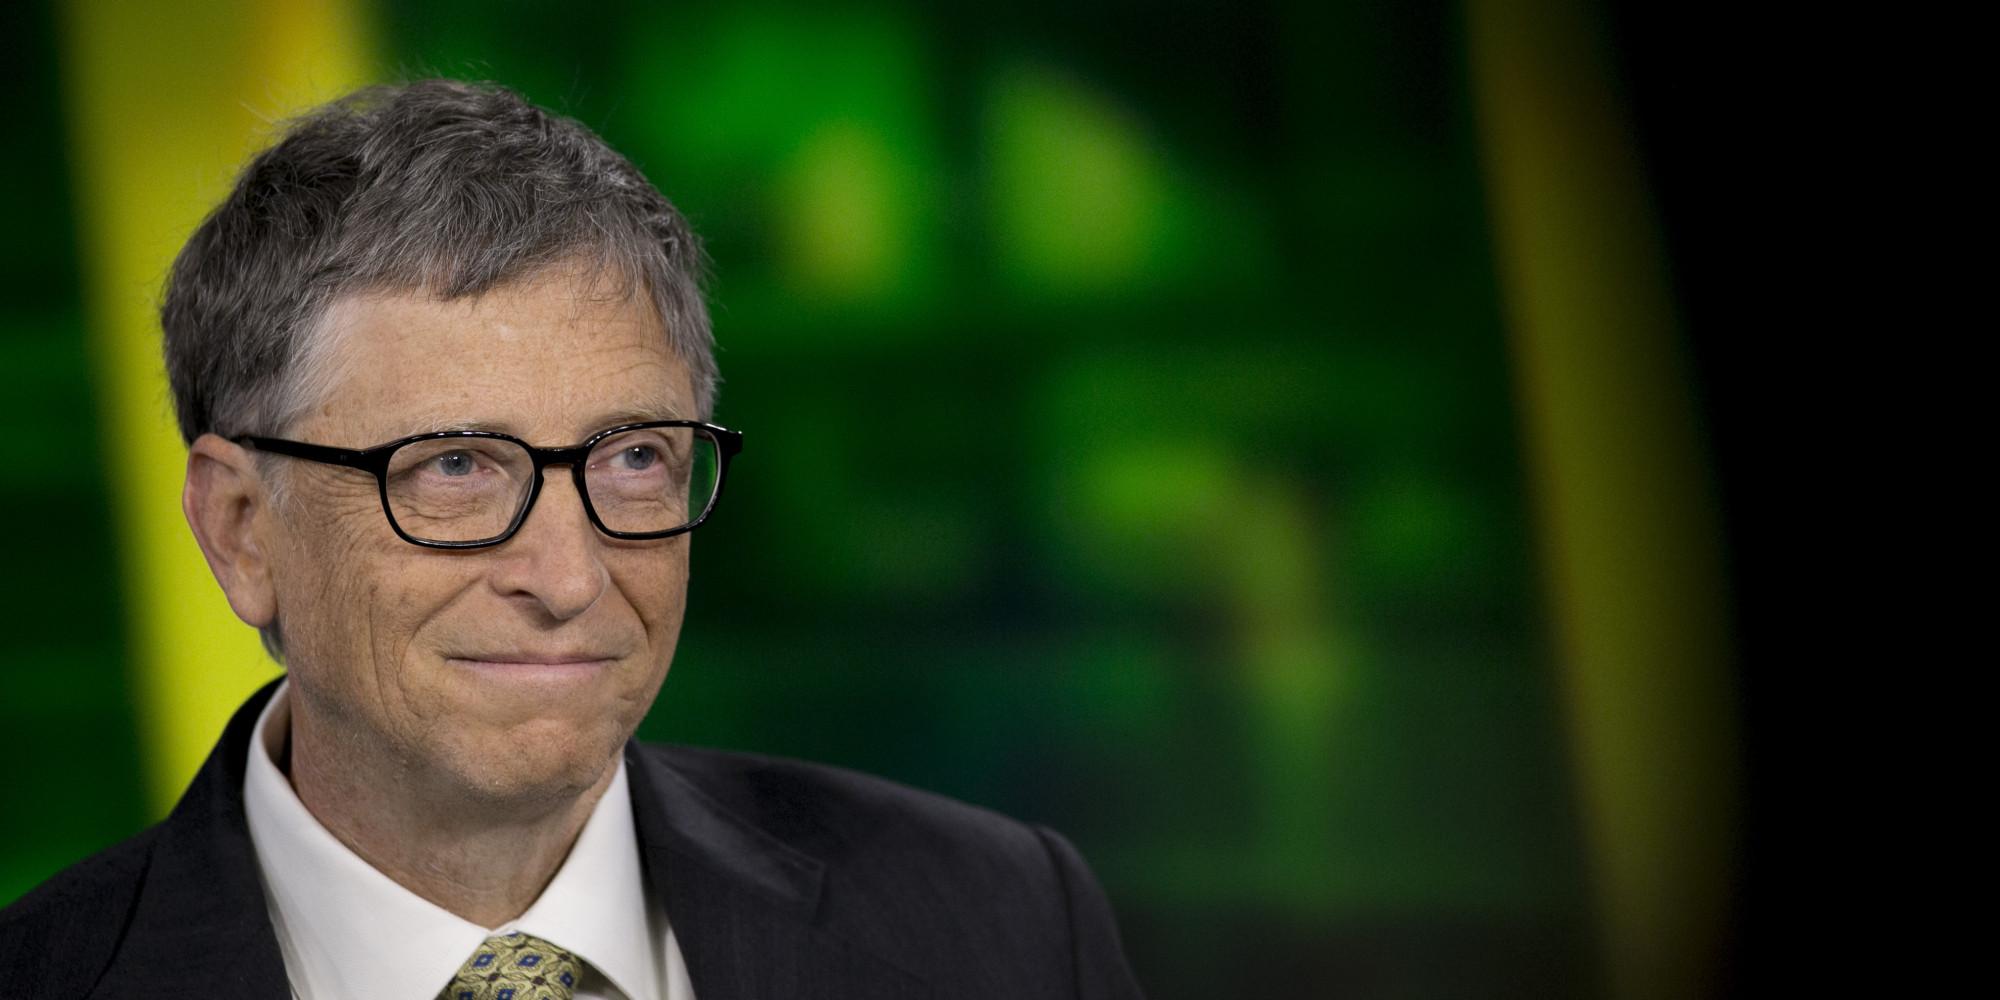 5 أمور لا تعلمها عن مؤسس مايكروسوفت بيل غيتس 2